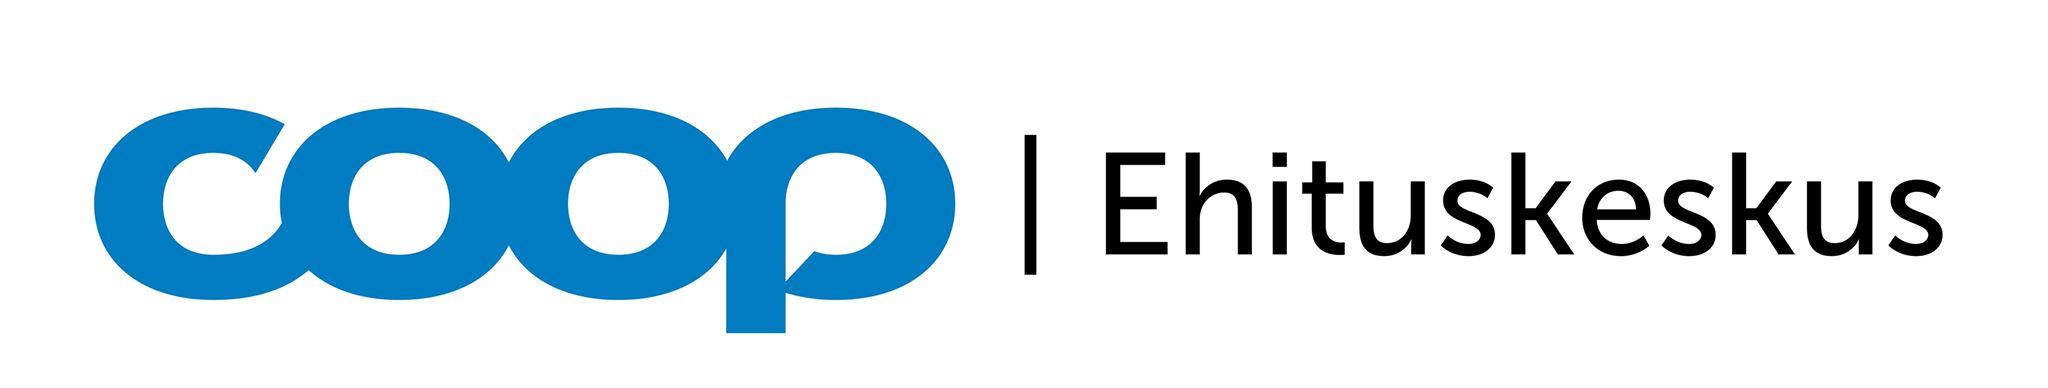 e-ehituskeskuse logo